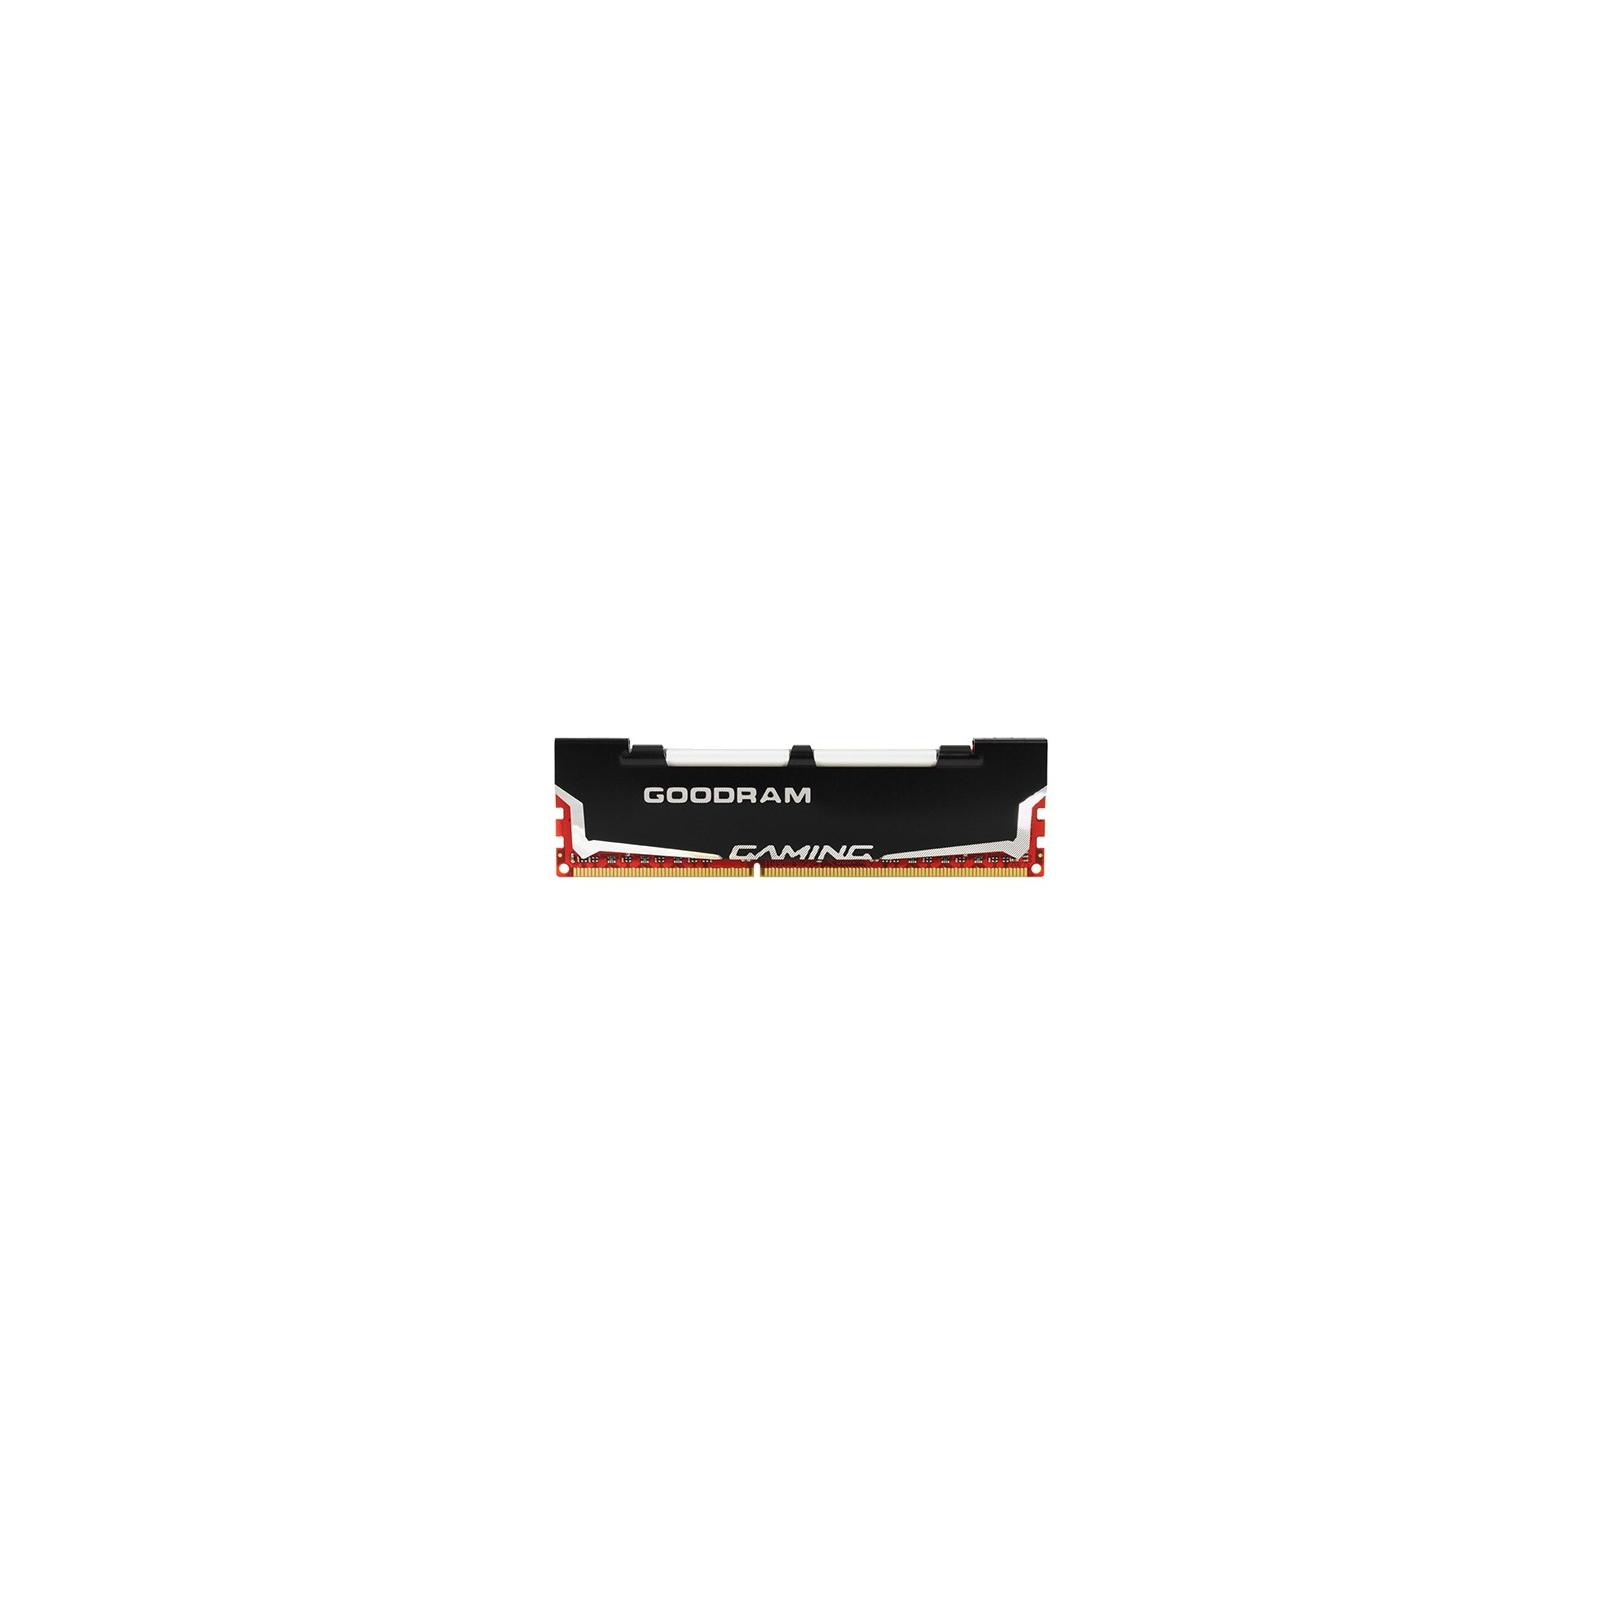 Модуль памяти для компьютера DDR3 8Gb 1600 MHz Led Gaming GOODRAM (GL1600D364L10/8G)